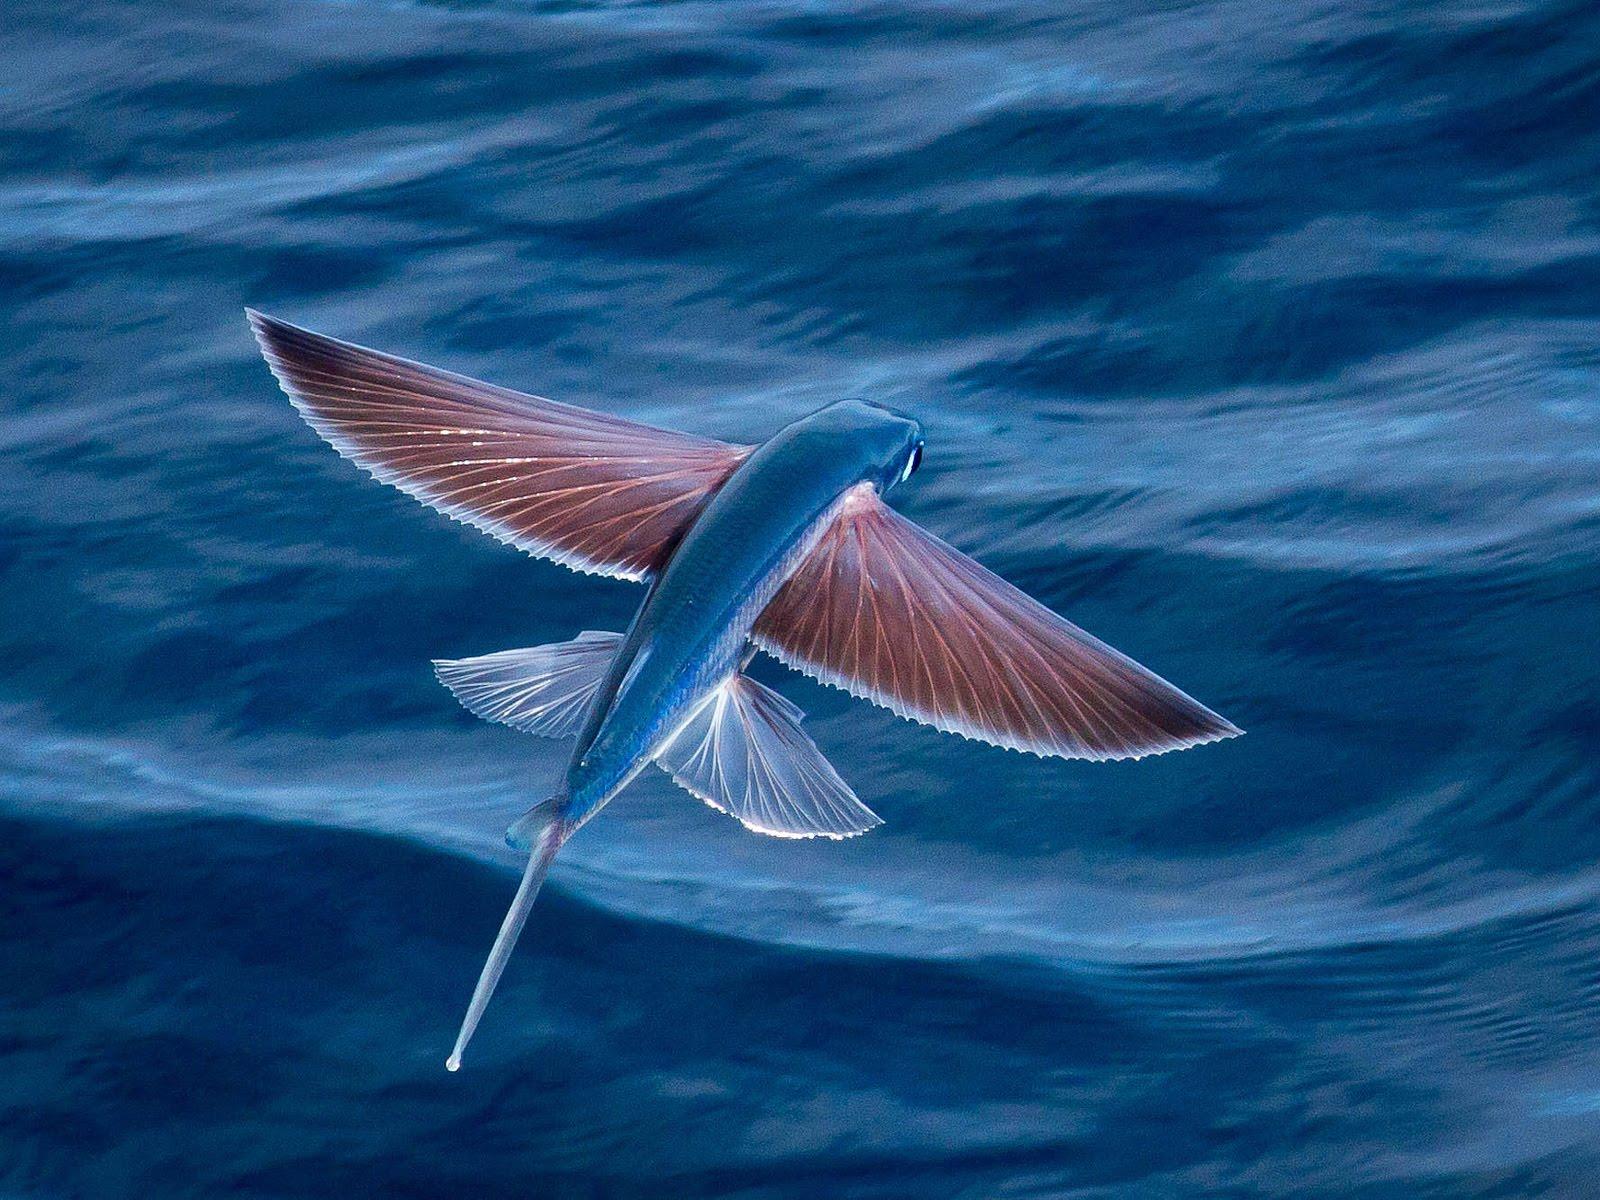 صور عجائب البحر , ماذا تعرف عن عجائب البحر